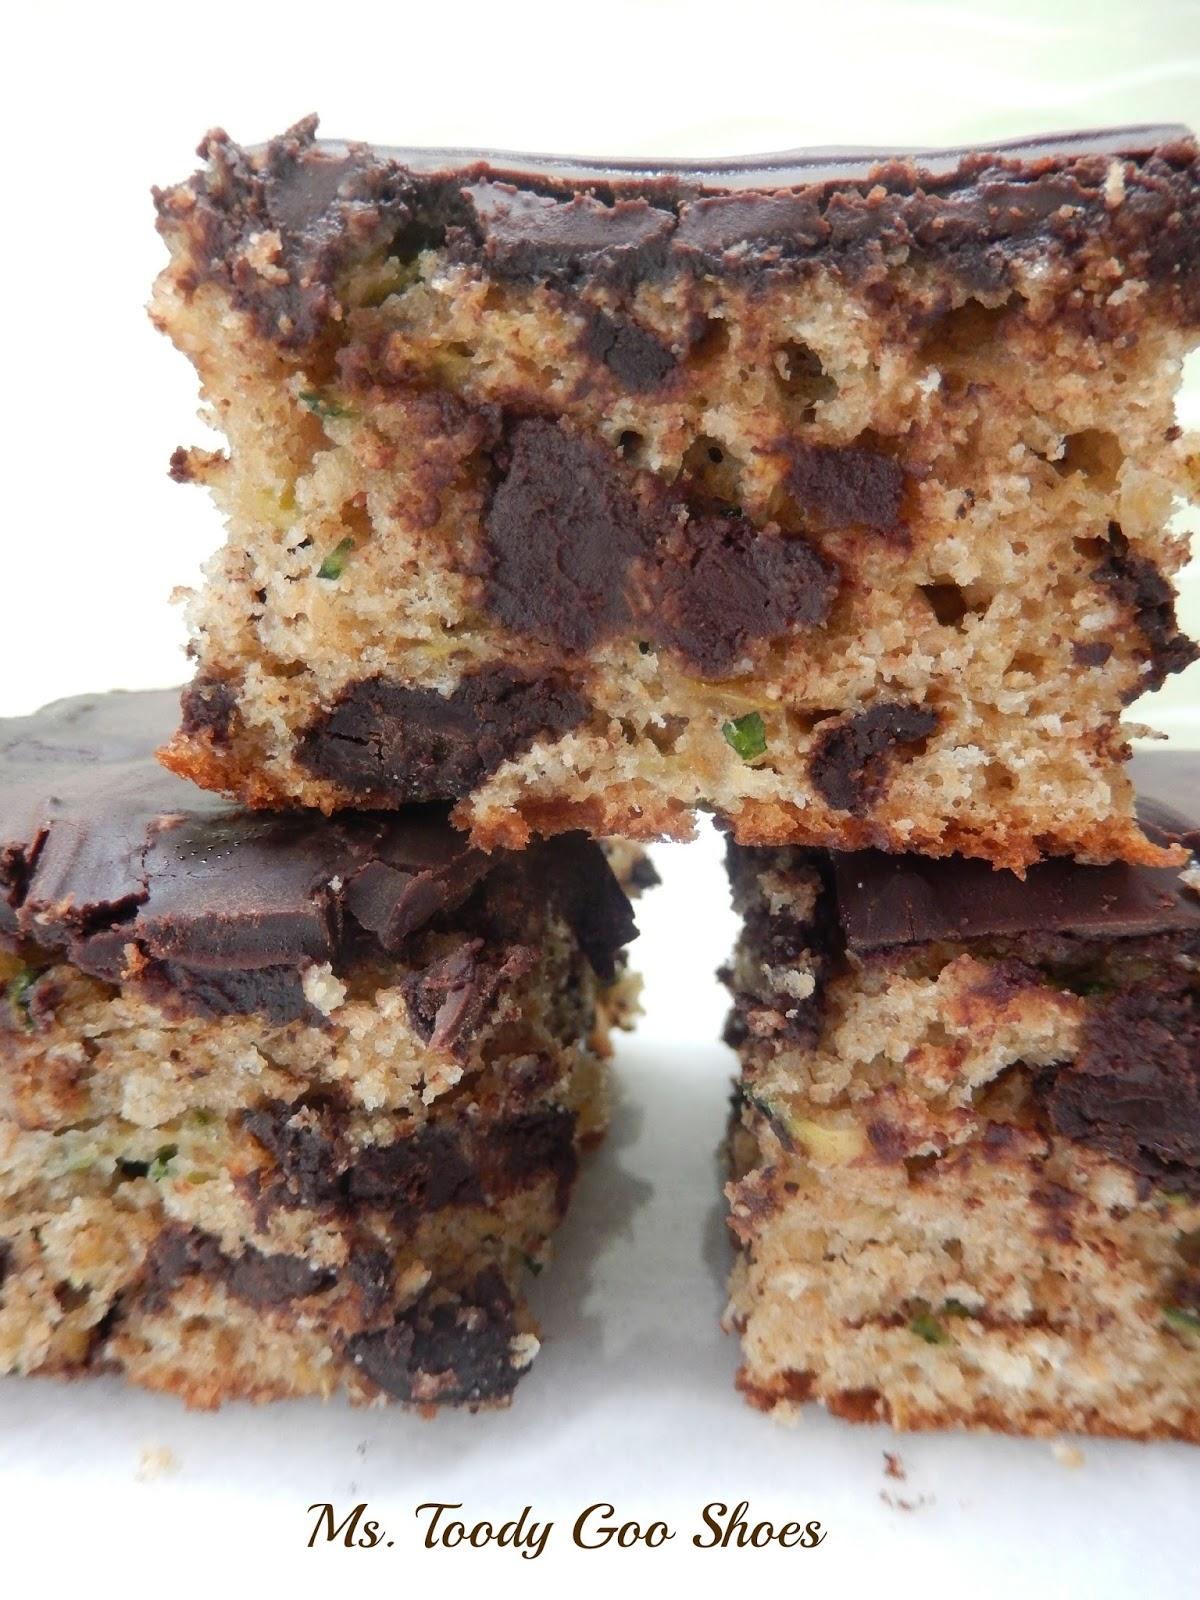 Chocolate Zucchini Snack Cake --- Ms. Toody Goo Shoes